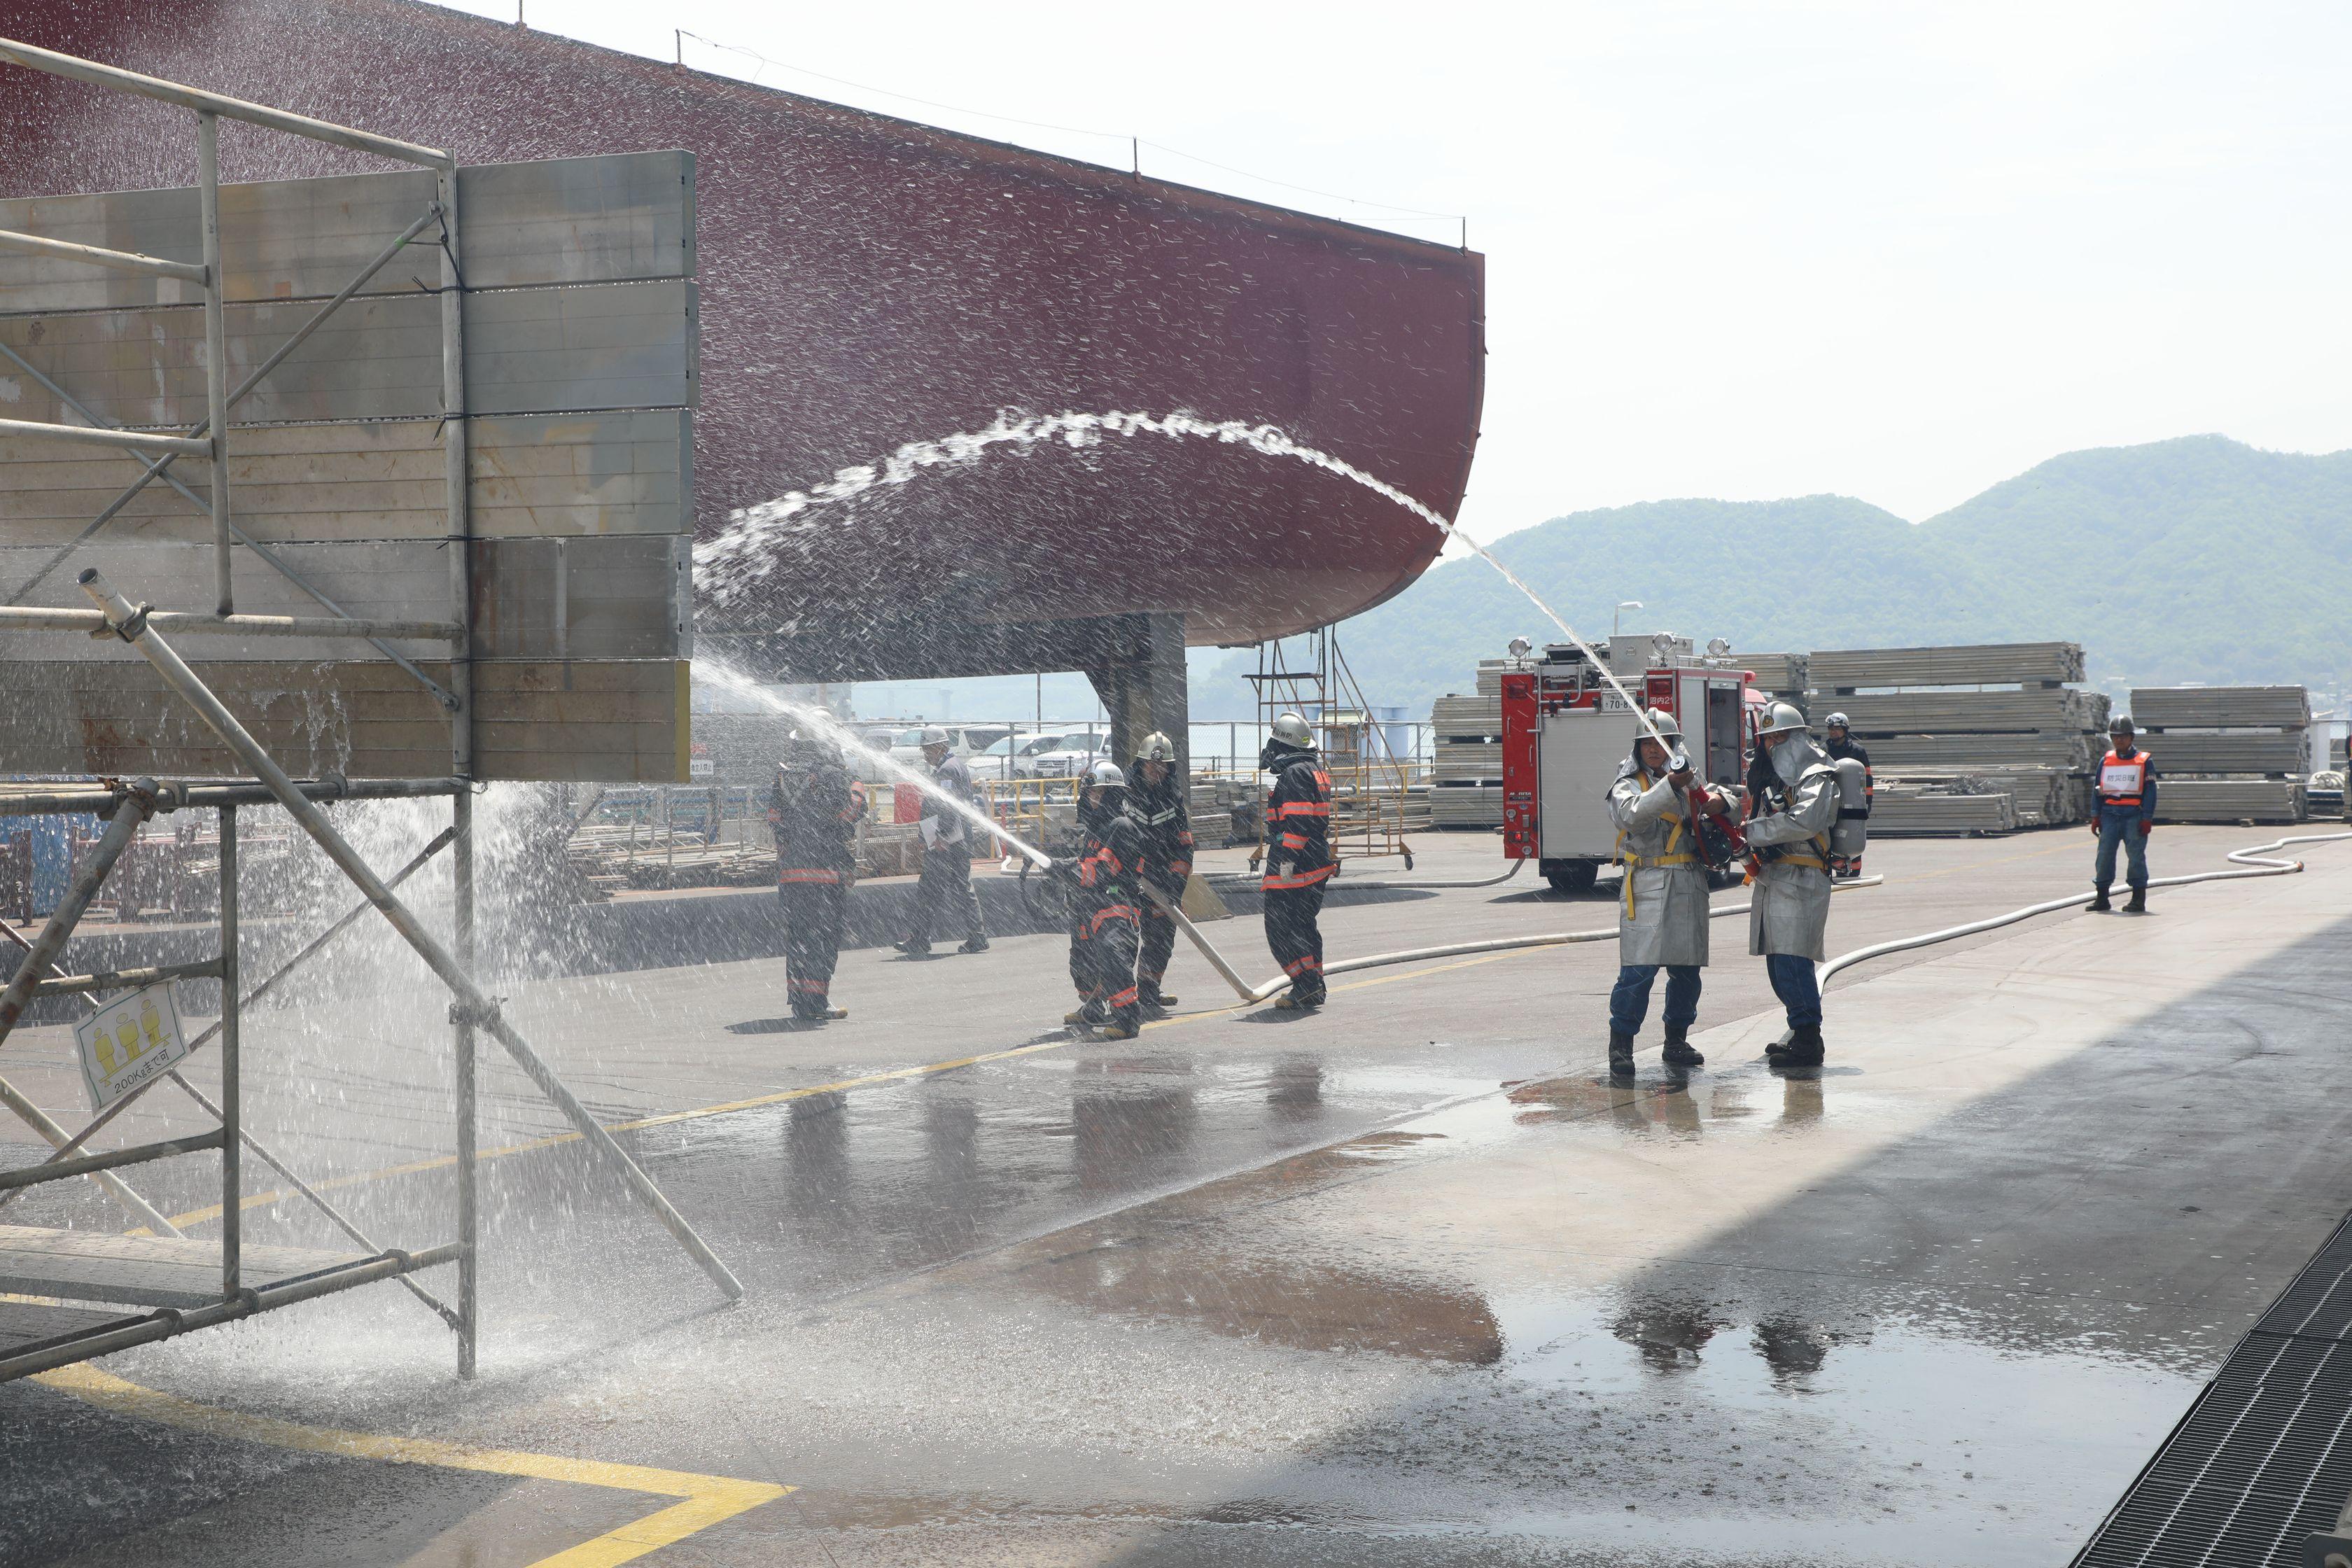 ブラスト塗装工場での爆発火災事故を想定した訓練を実施